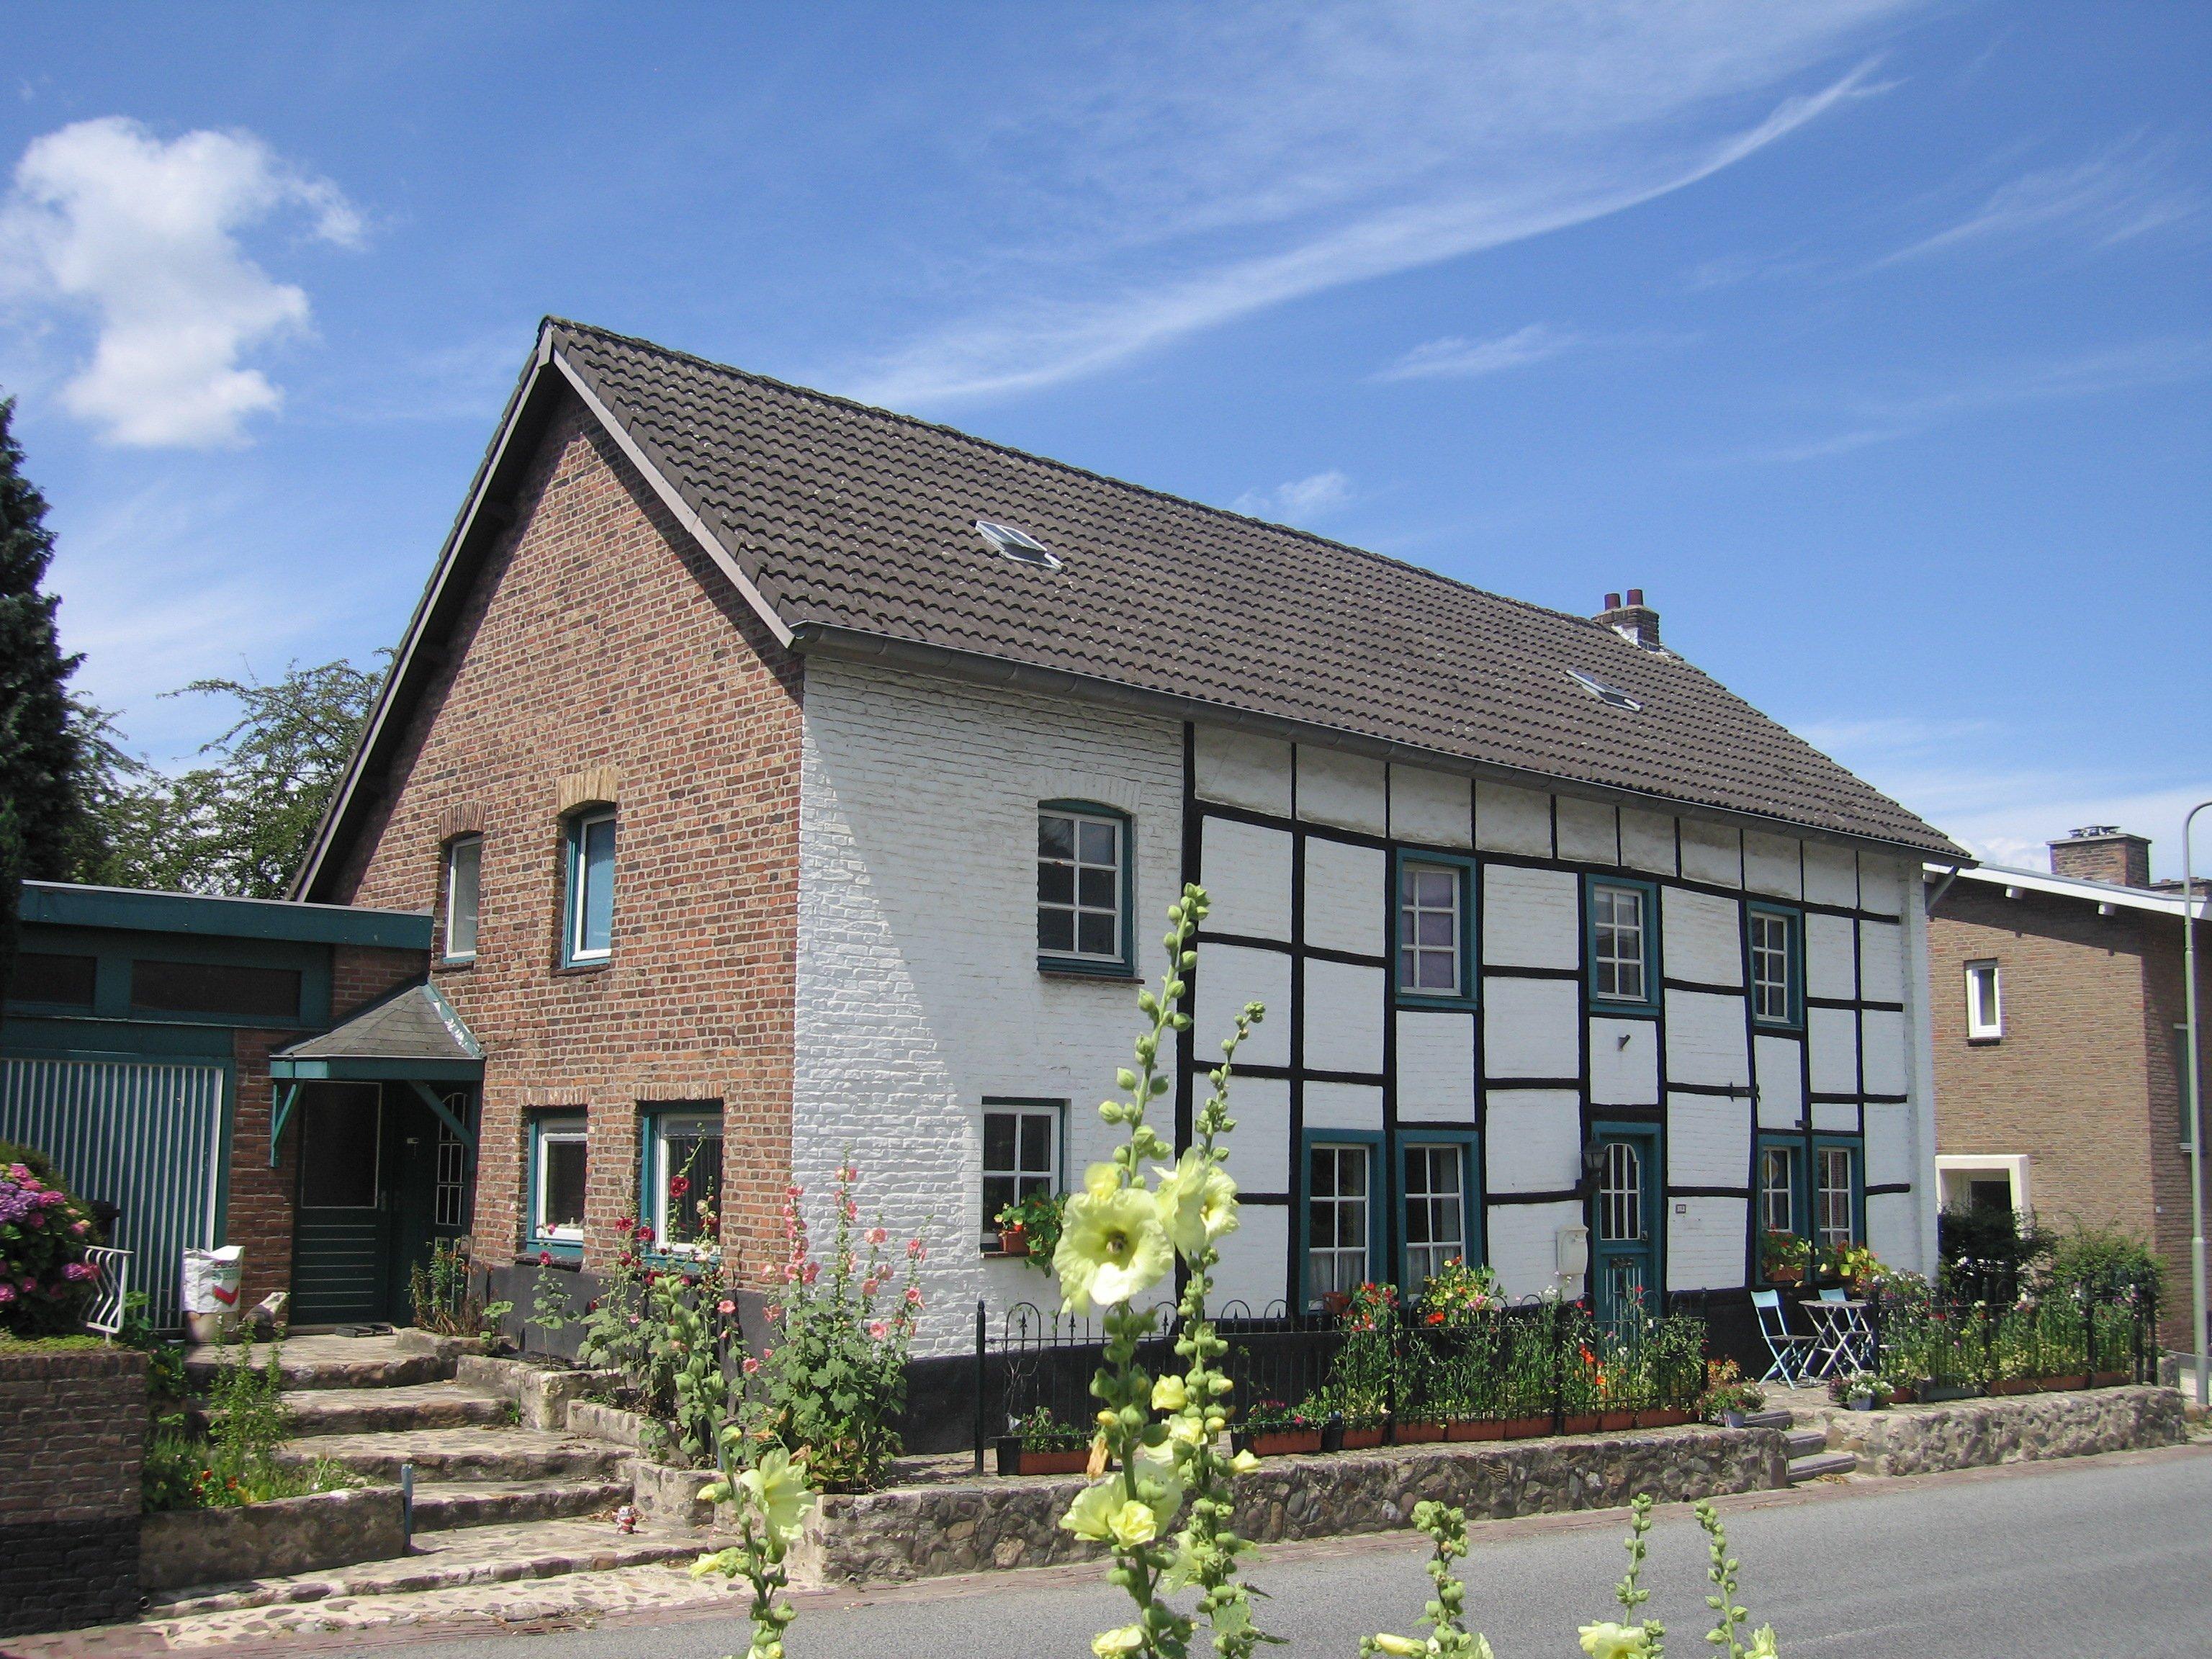 Duivenstraat